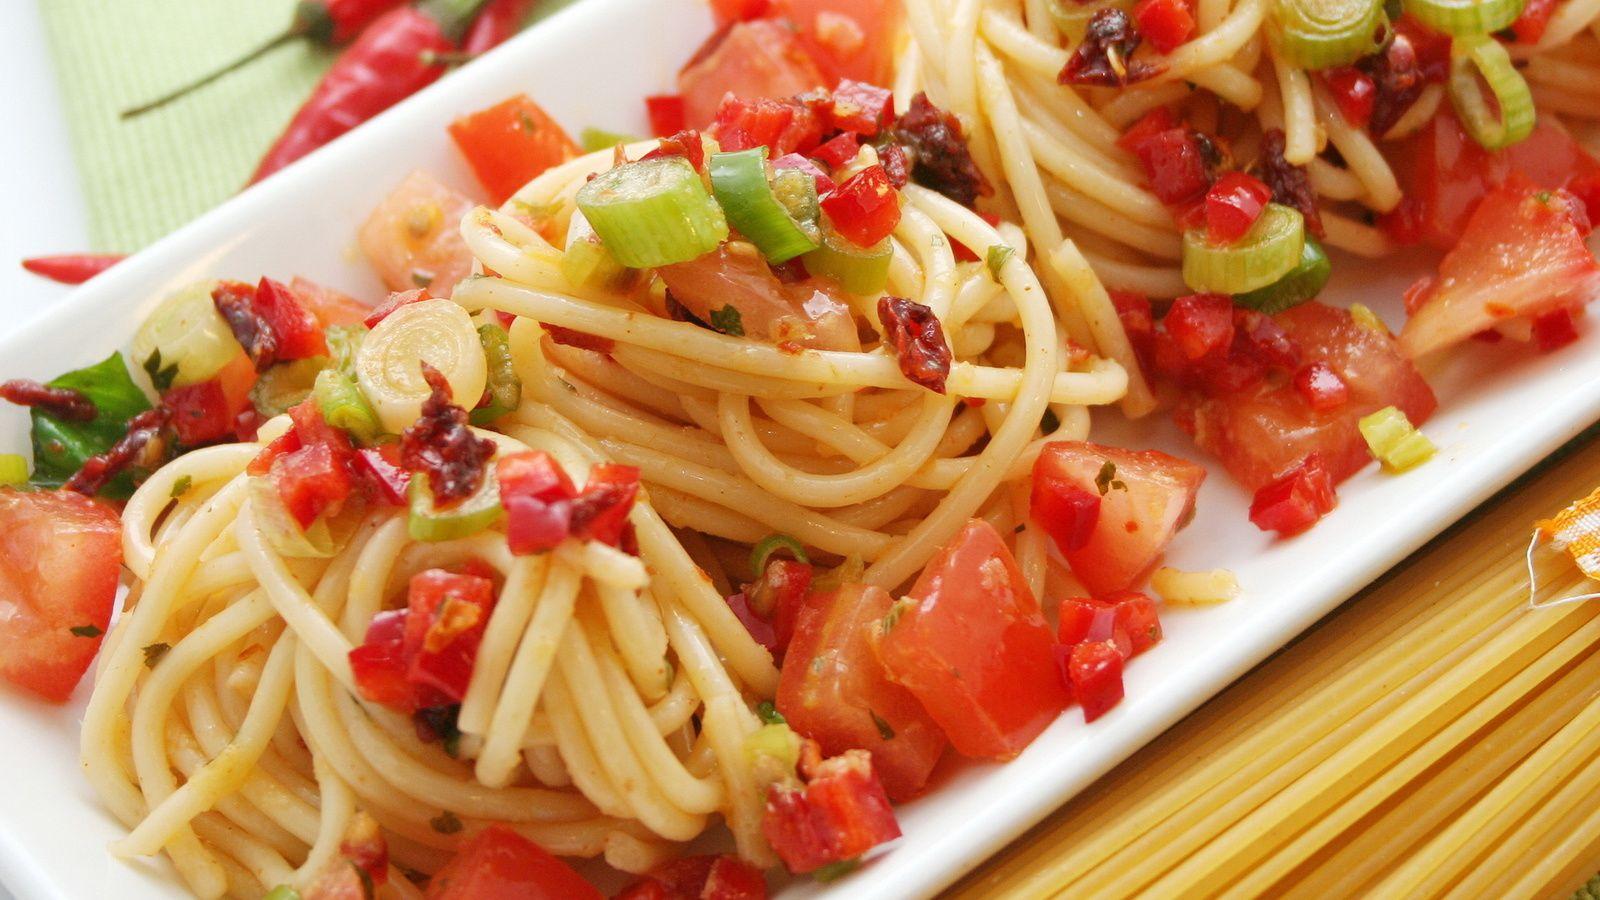 Bon appétit - Nourriture - Spaghettis - Tomates - Légumes - Wallpaper - Free